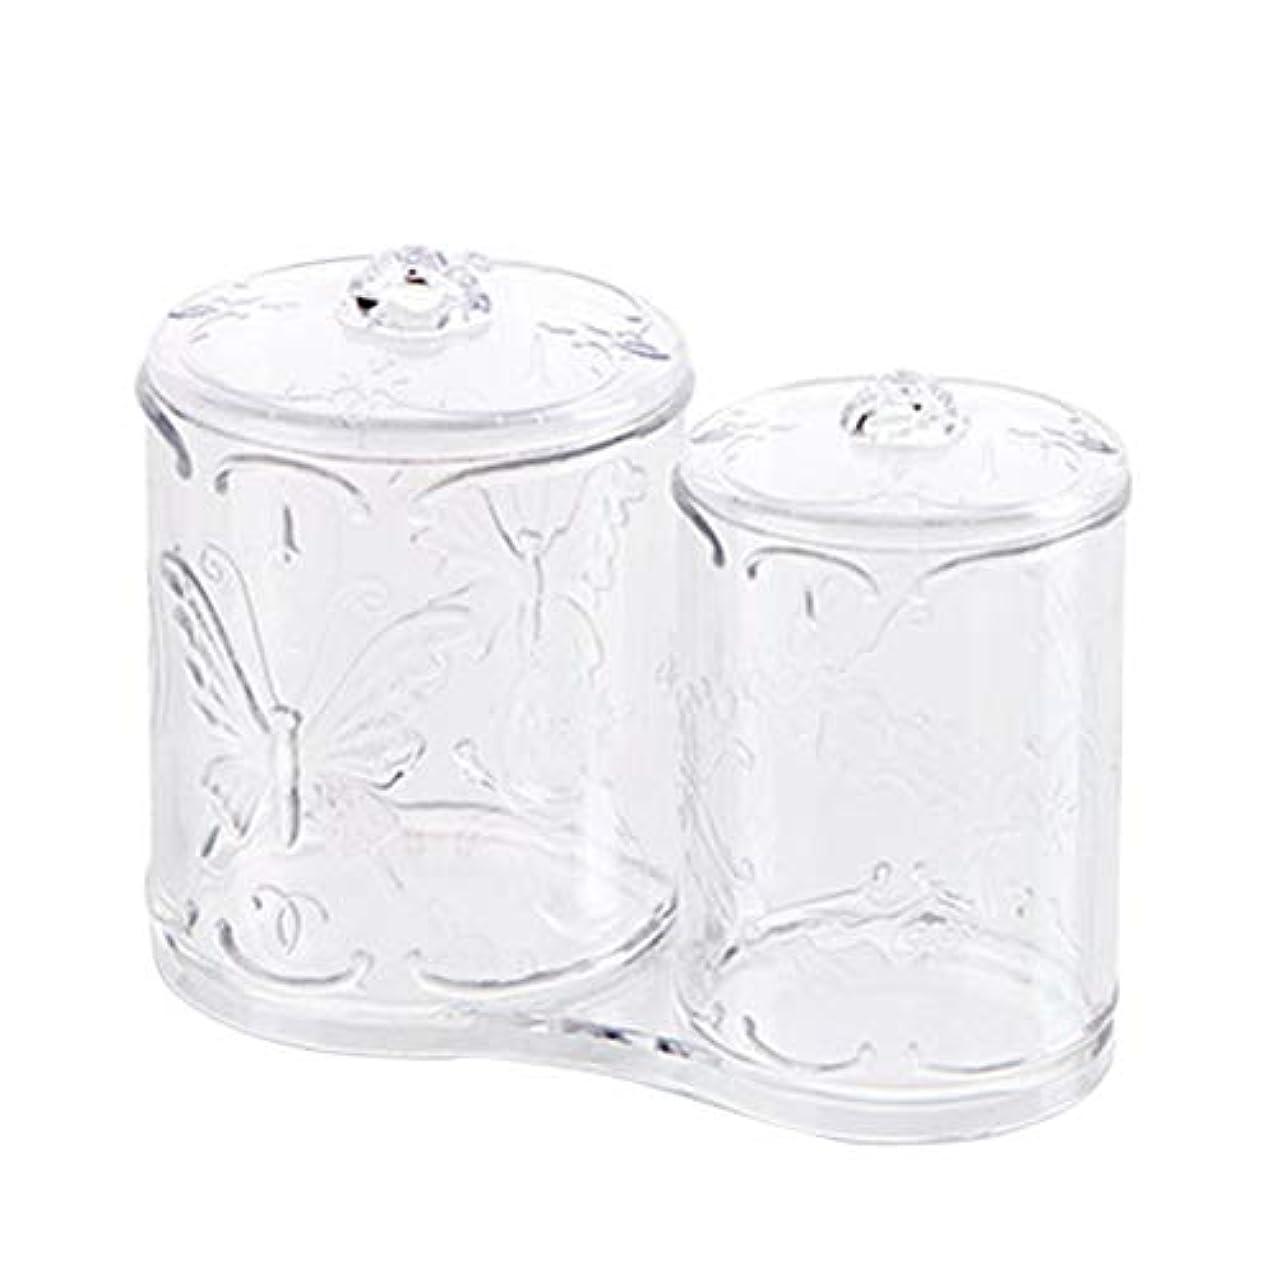 OUNONA 綿棒ケース 綿棒ボックス コスメボックス プラスチック 2in1 コットン フタ付き メイクケース パフ 小物 コスメ 化粧品 ジュエリー アクセサリー 収納 多機能 防塵 透明 卓上 浴室